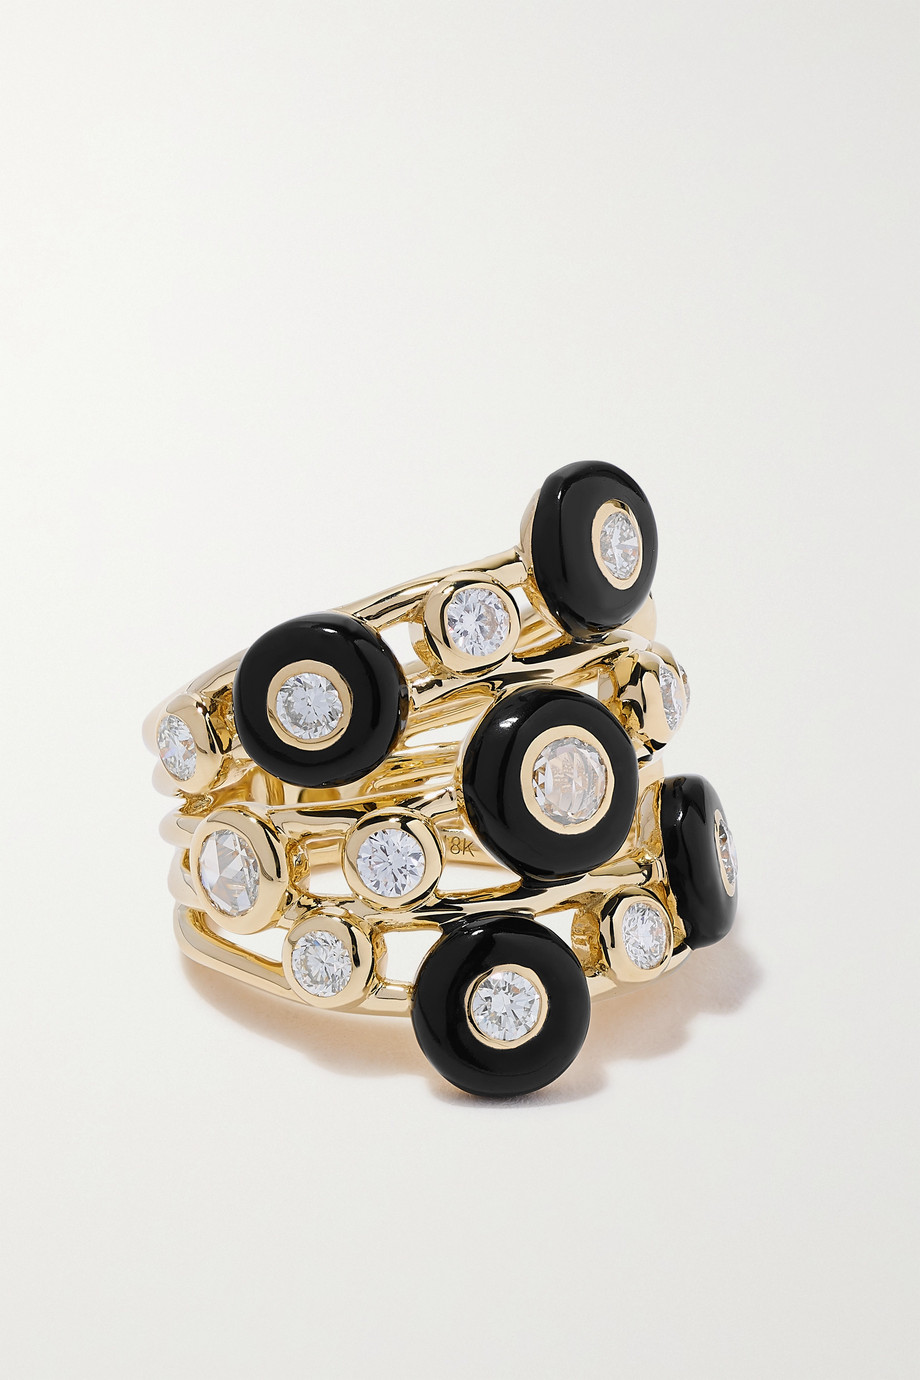 Ippolita Bague en or 18 carats, céramique et diamants Lollipop Carnevale